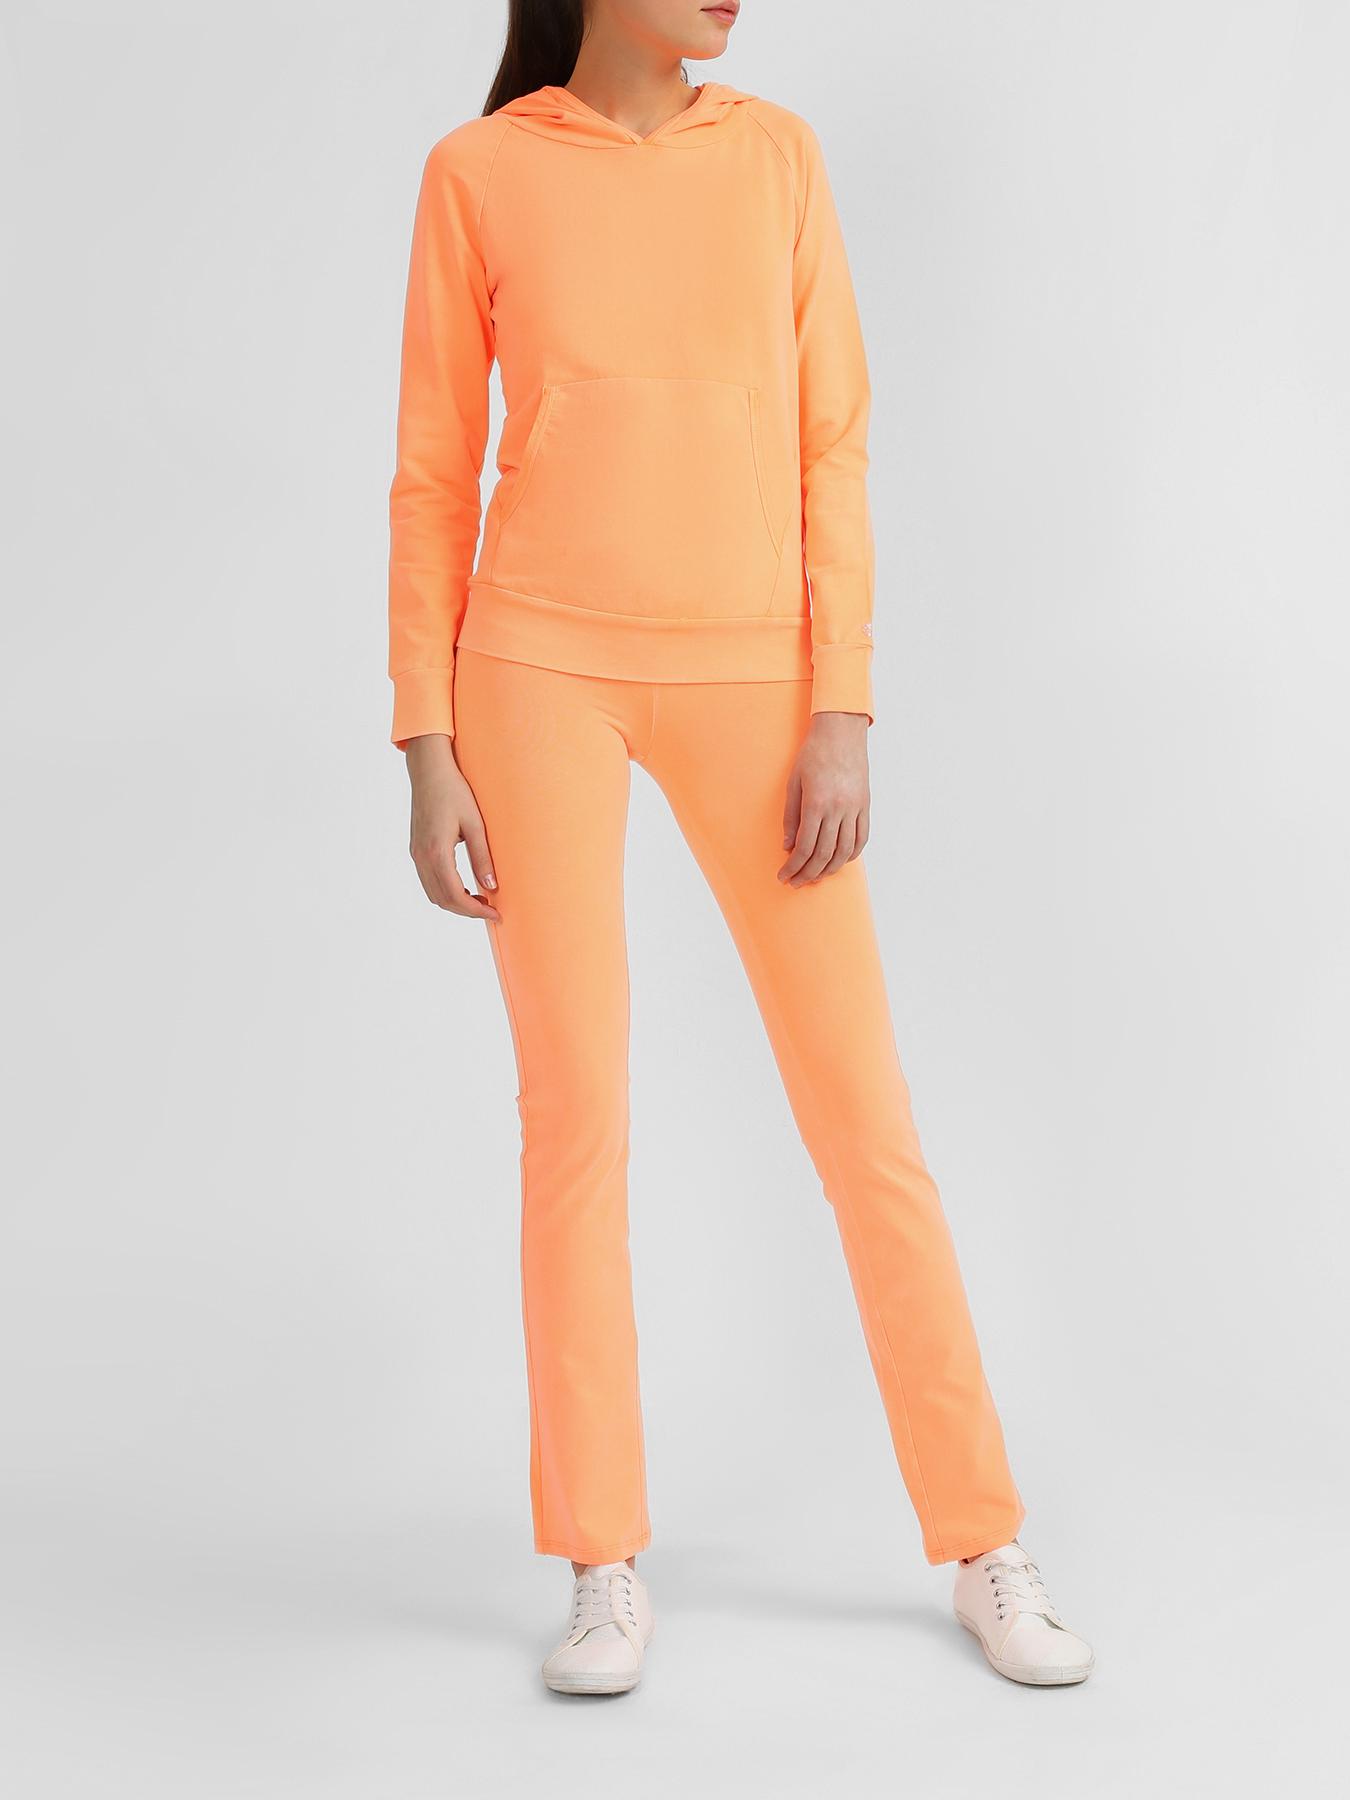 худи женское adidas ess 3s fz hd цвет серый розовый br2438 размер s 42 44 Толстовка DEHA Женское худи